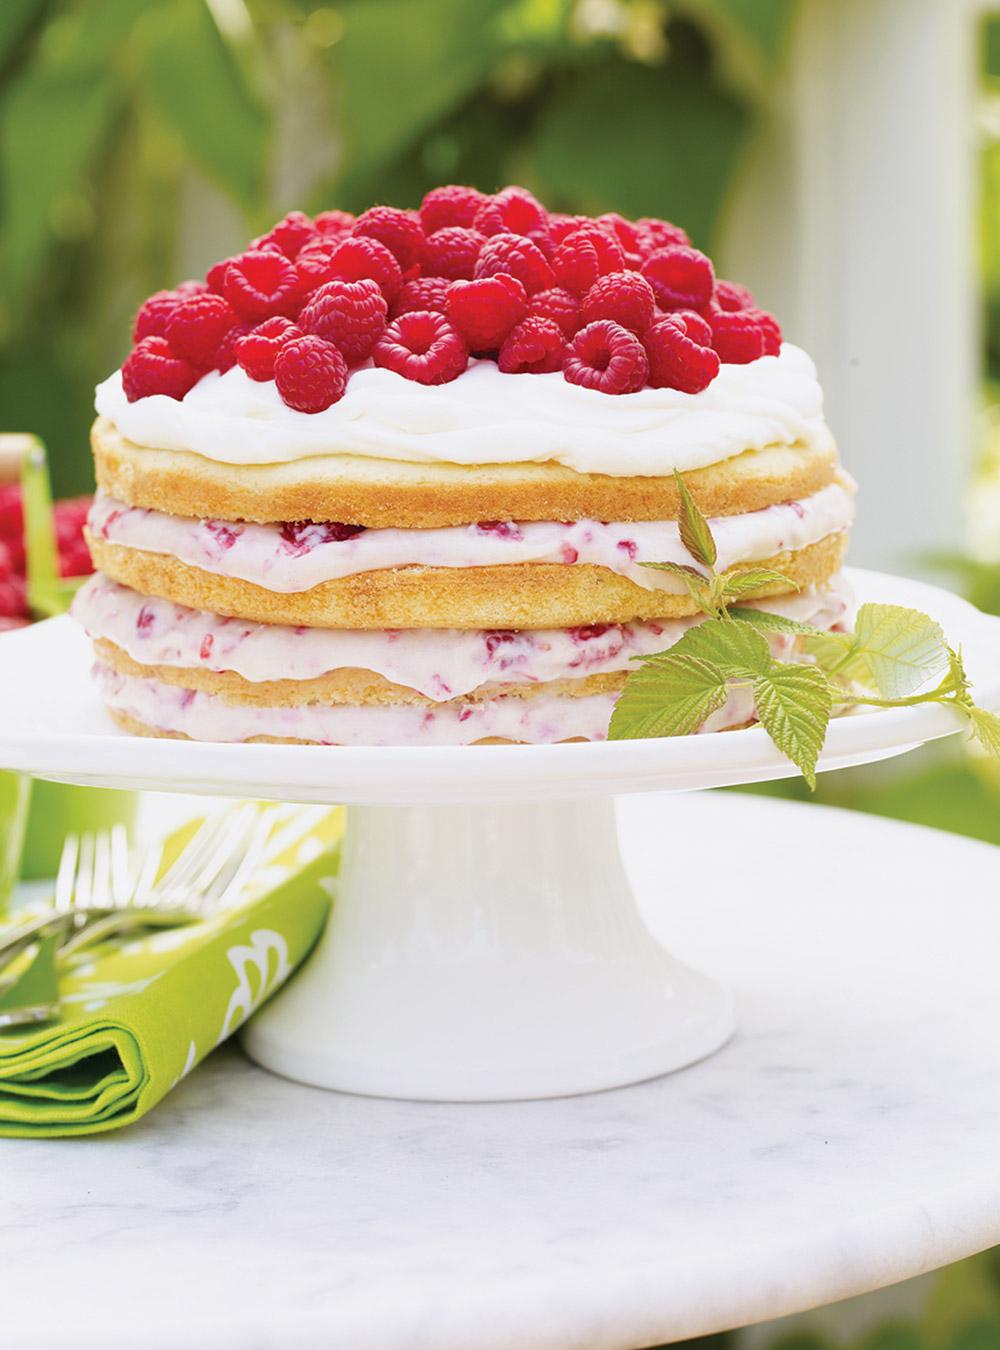 Gâteau aux framboises et à la crème | ricardo